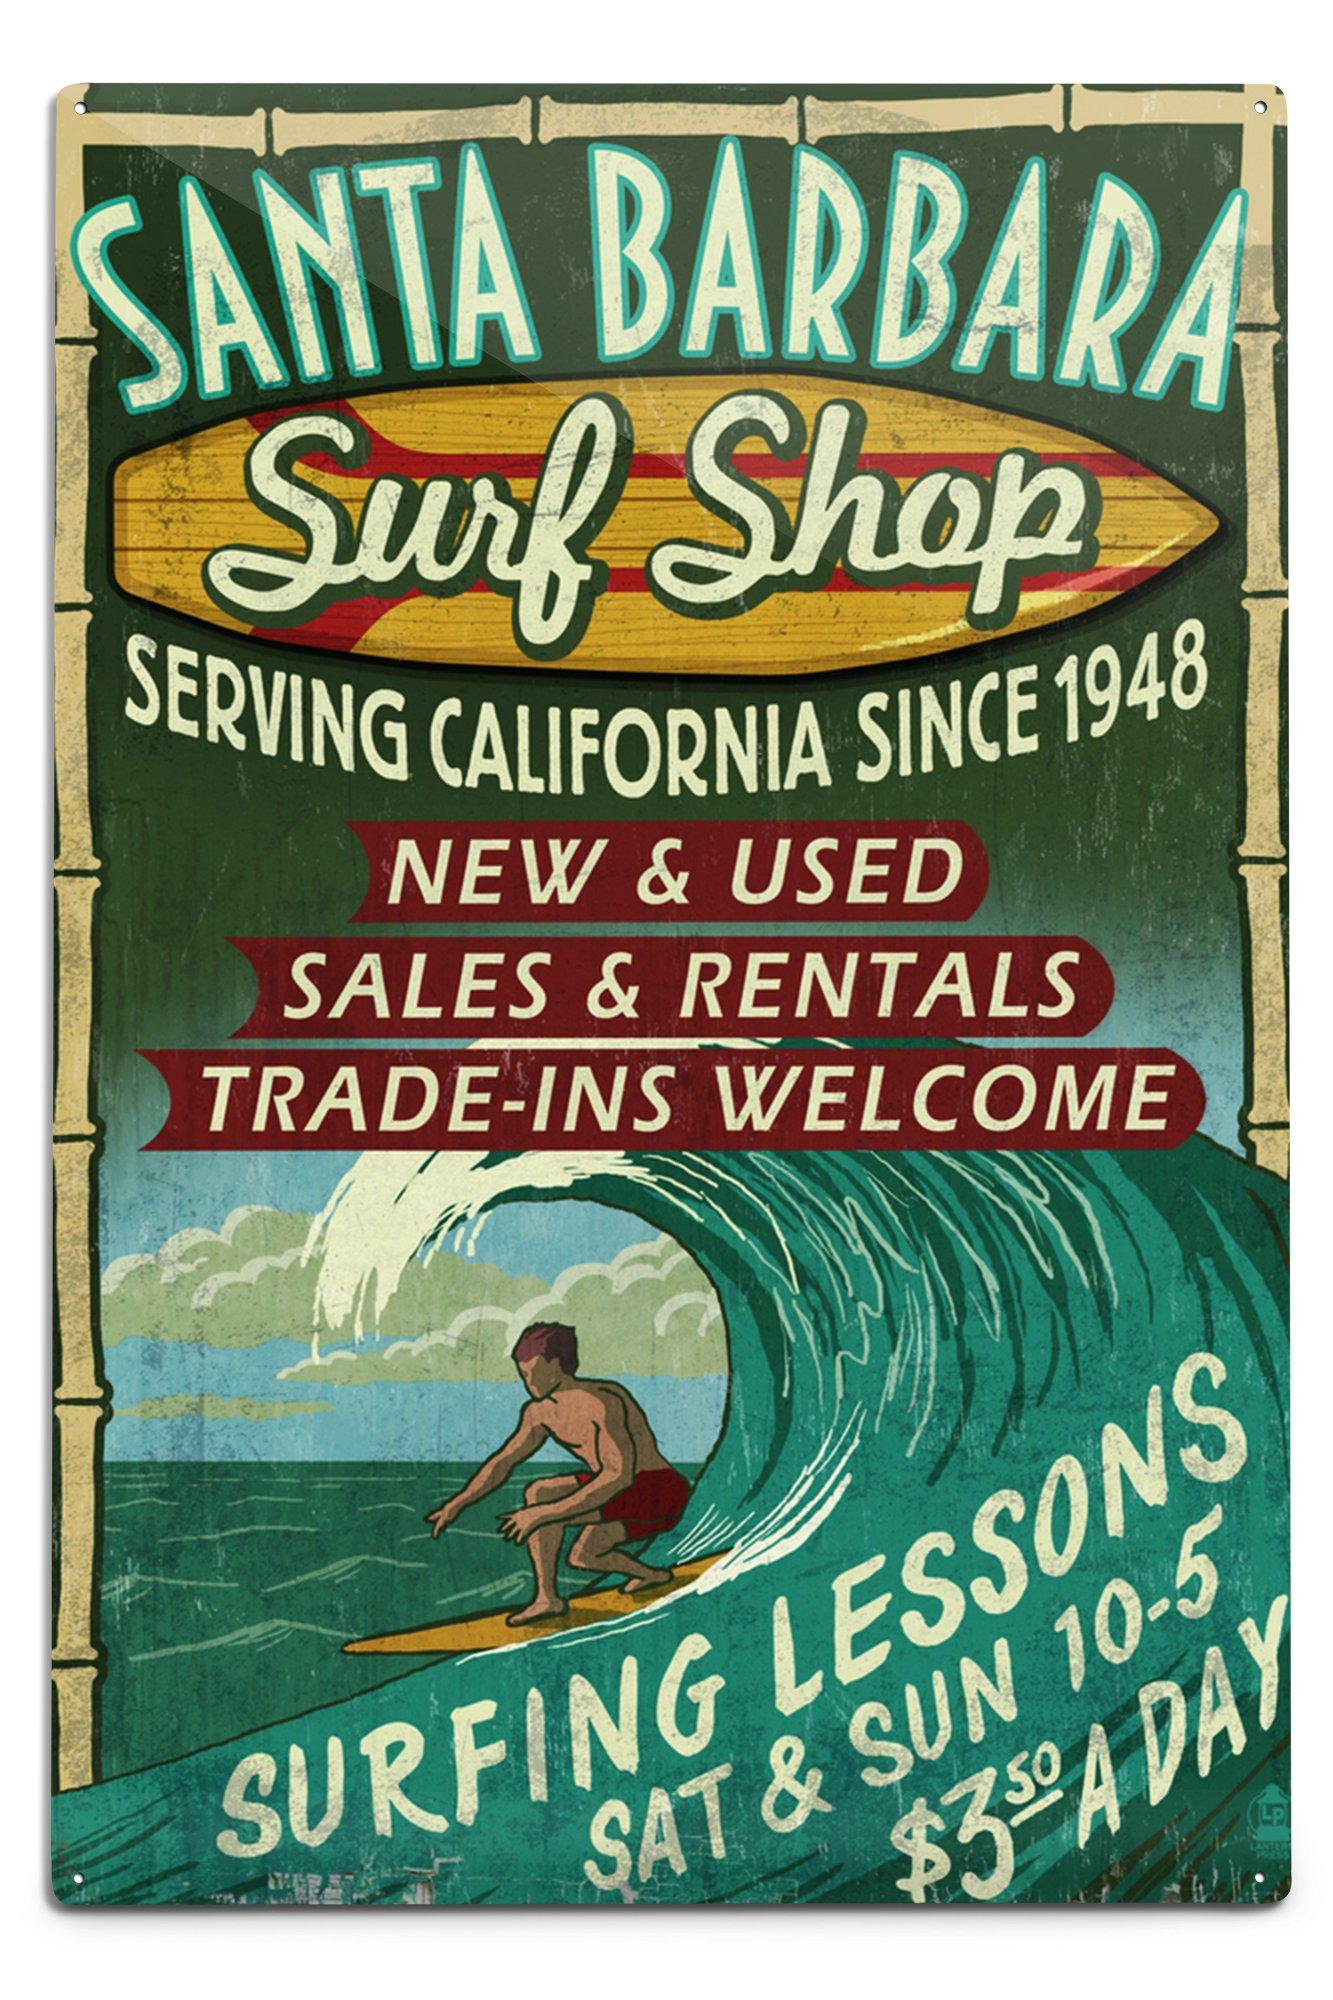 Lantern Press Santa Barbara, California - Surf Shop Vintage Sign (12x18 Aluminum Wall Sign, Wall Decor Ready to Hang)